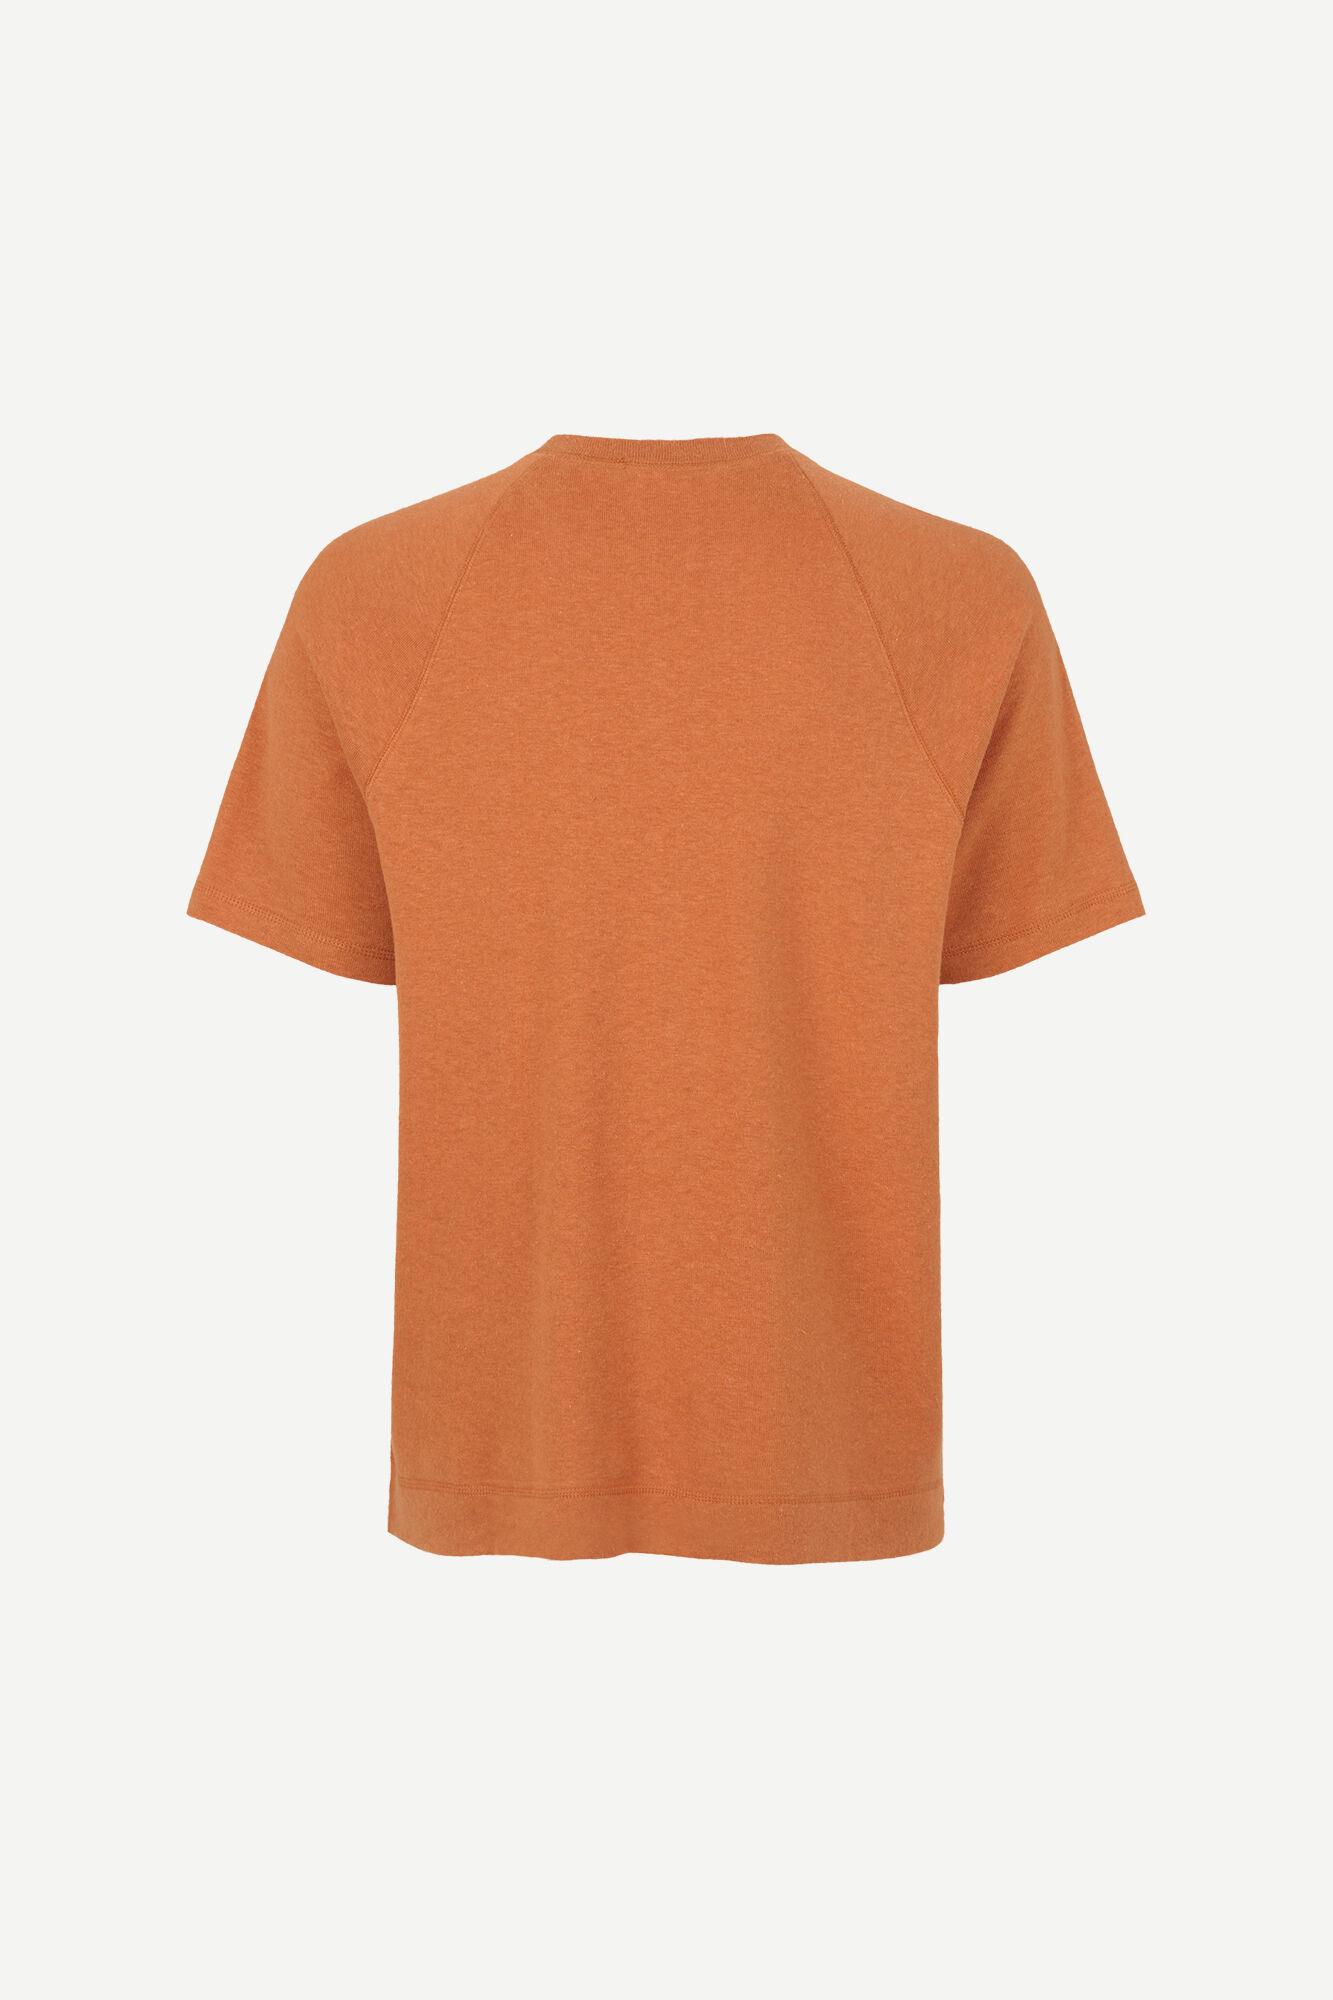 Anan t-shirt 10014